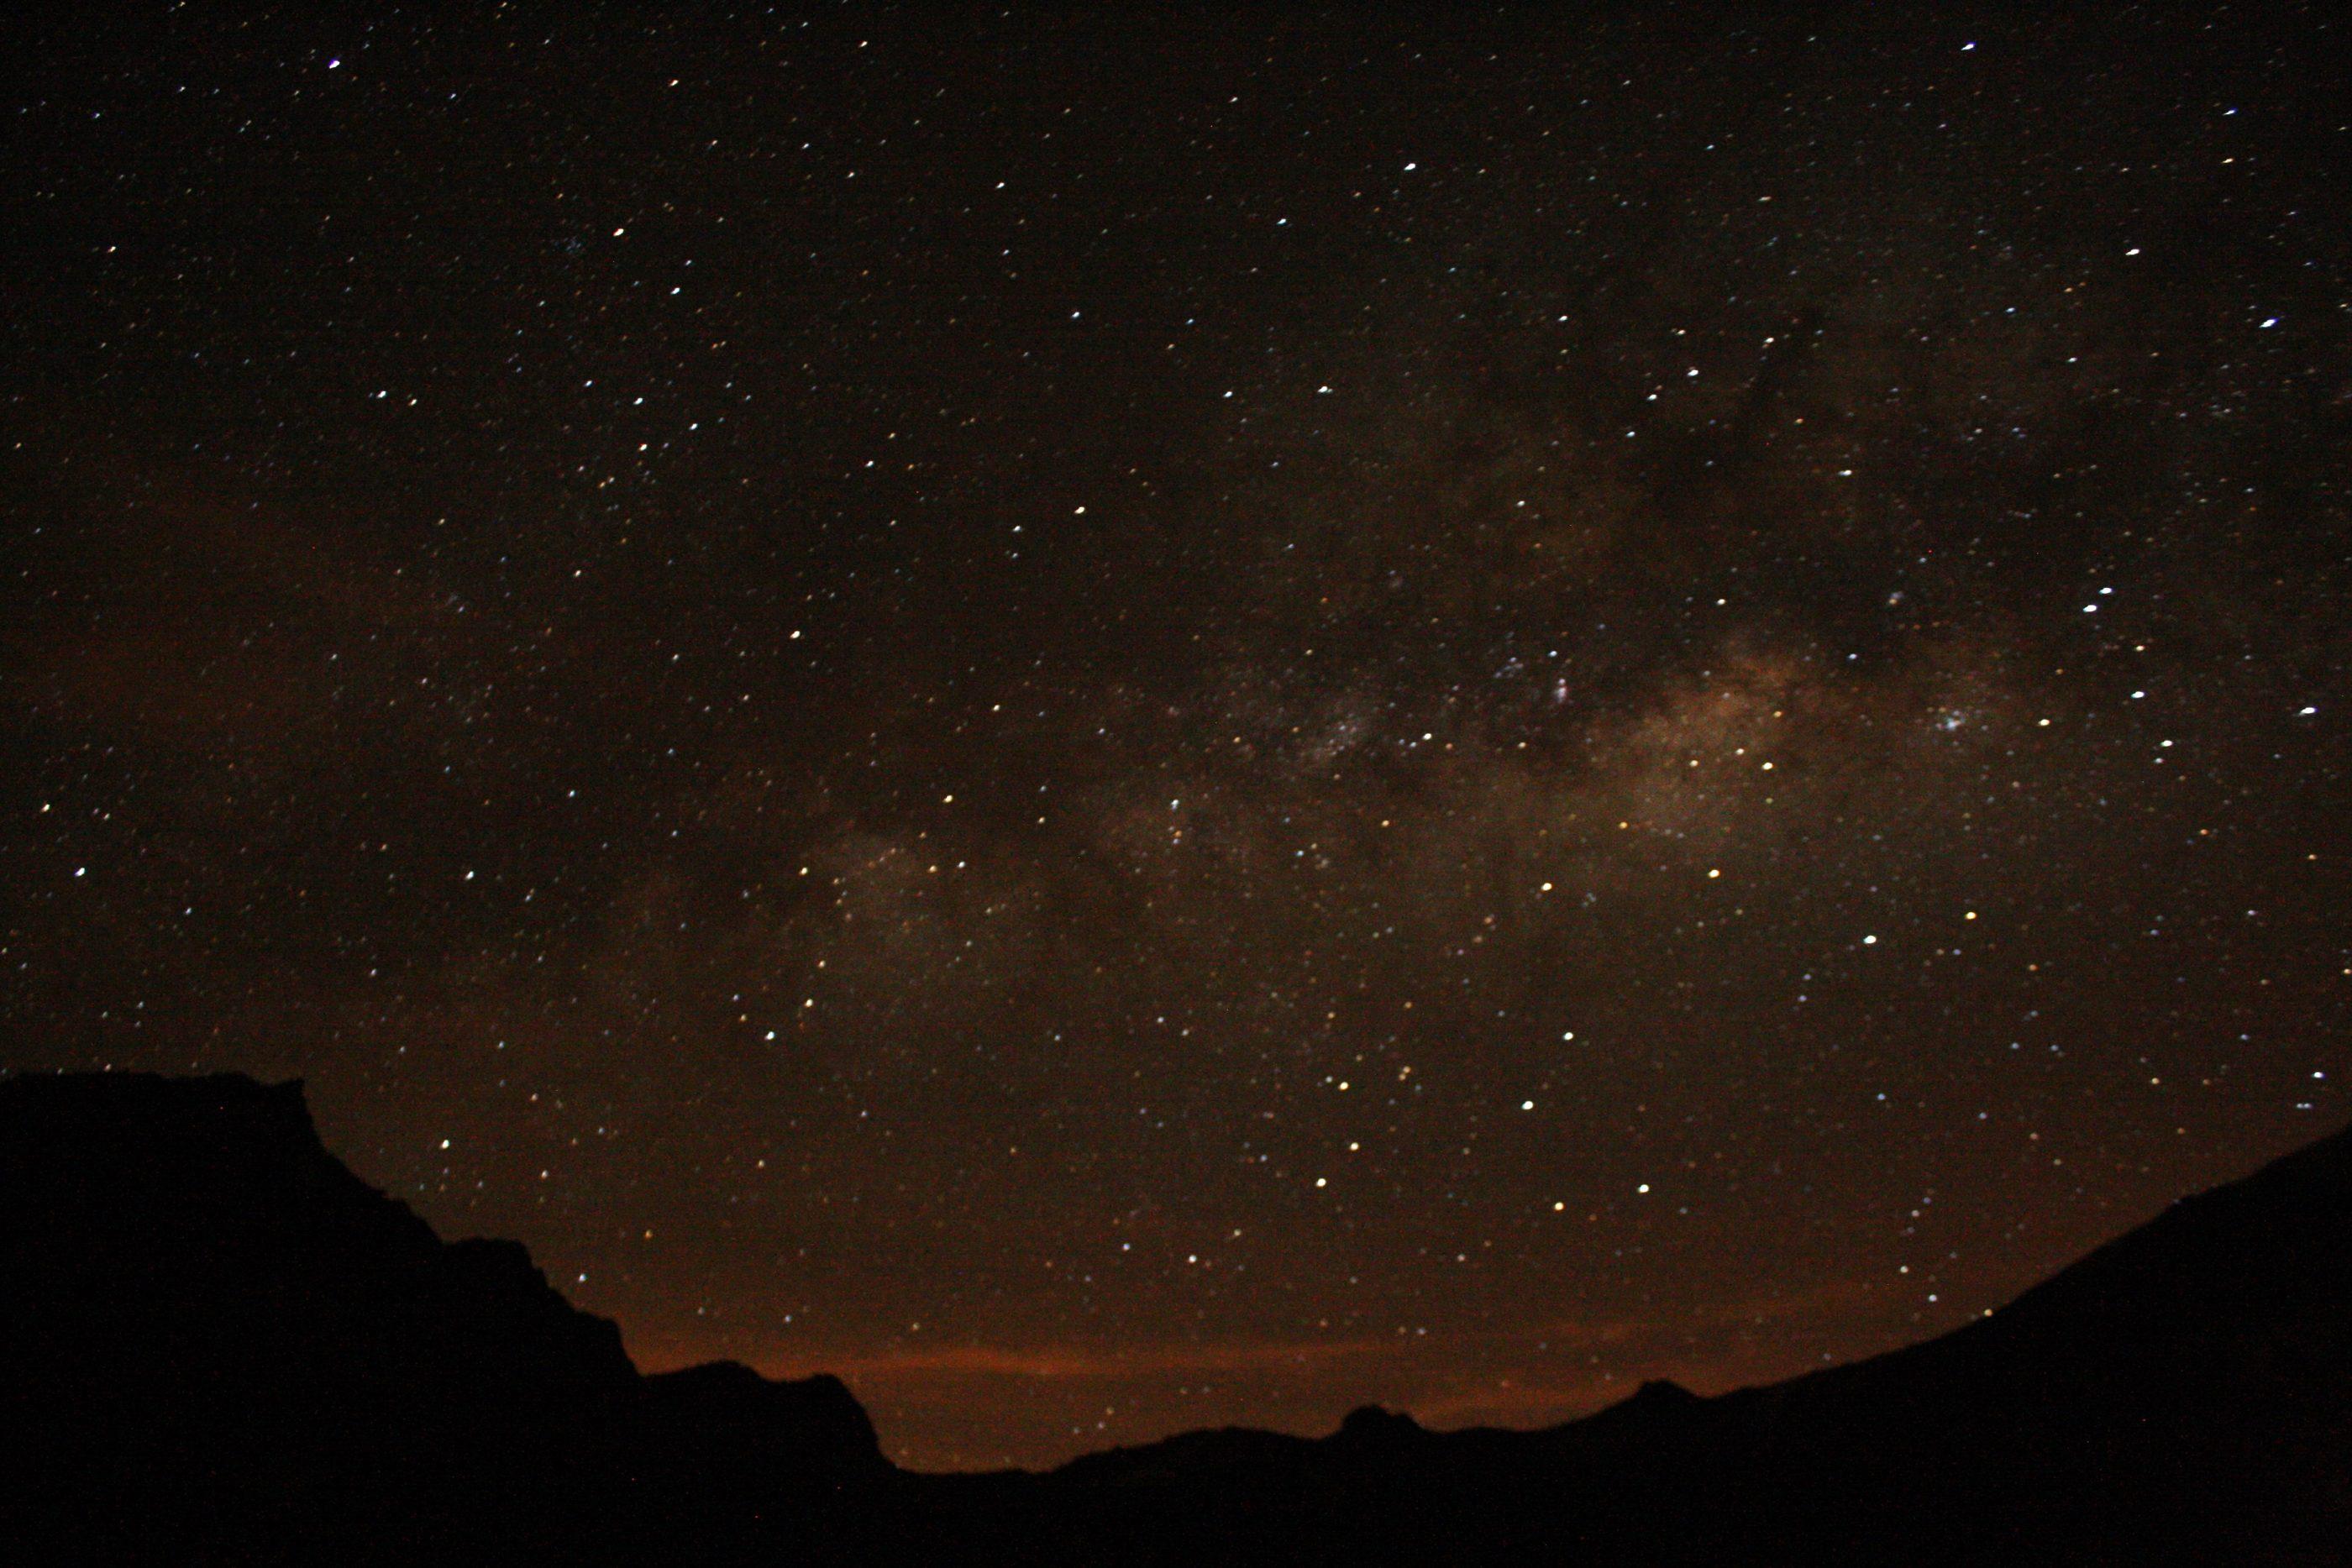 Ein fantastischer Sternenhimmel am Abend vor dem Gipfeltag